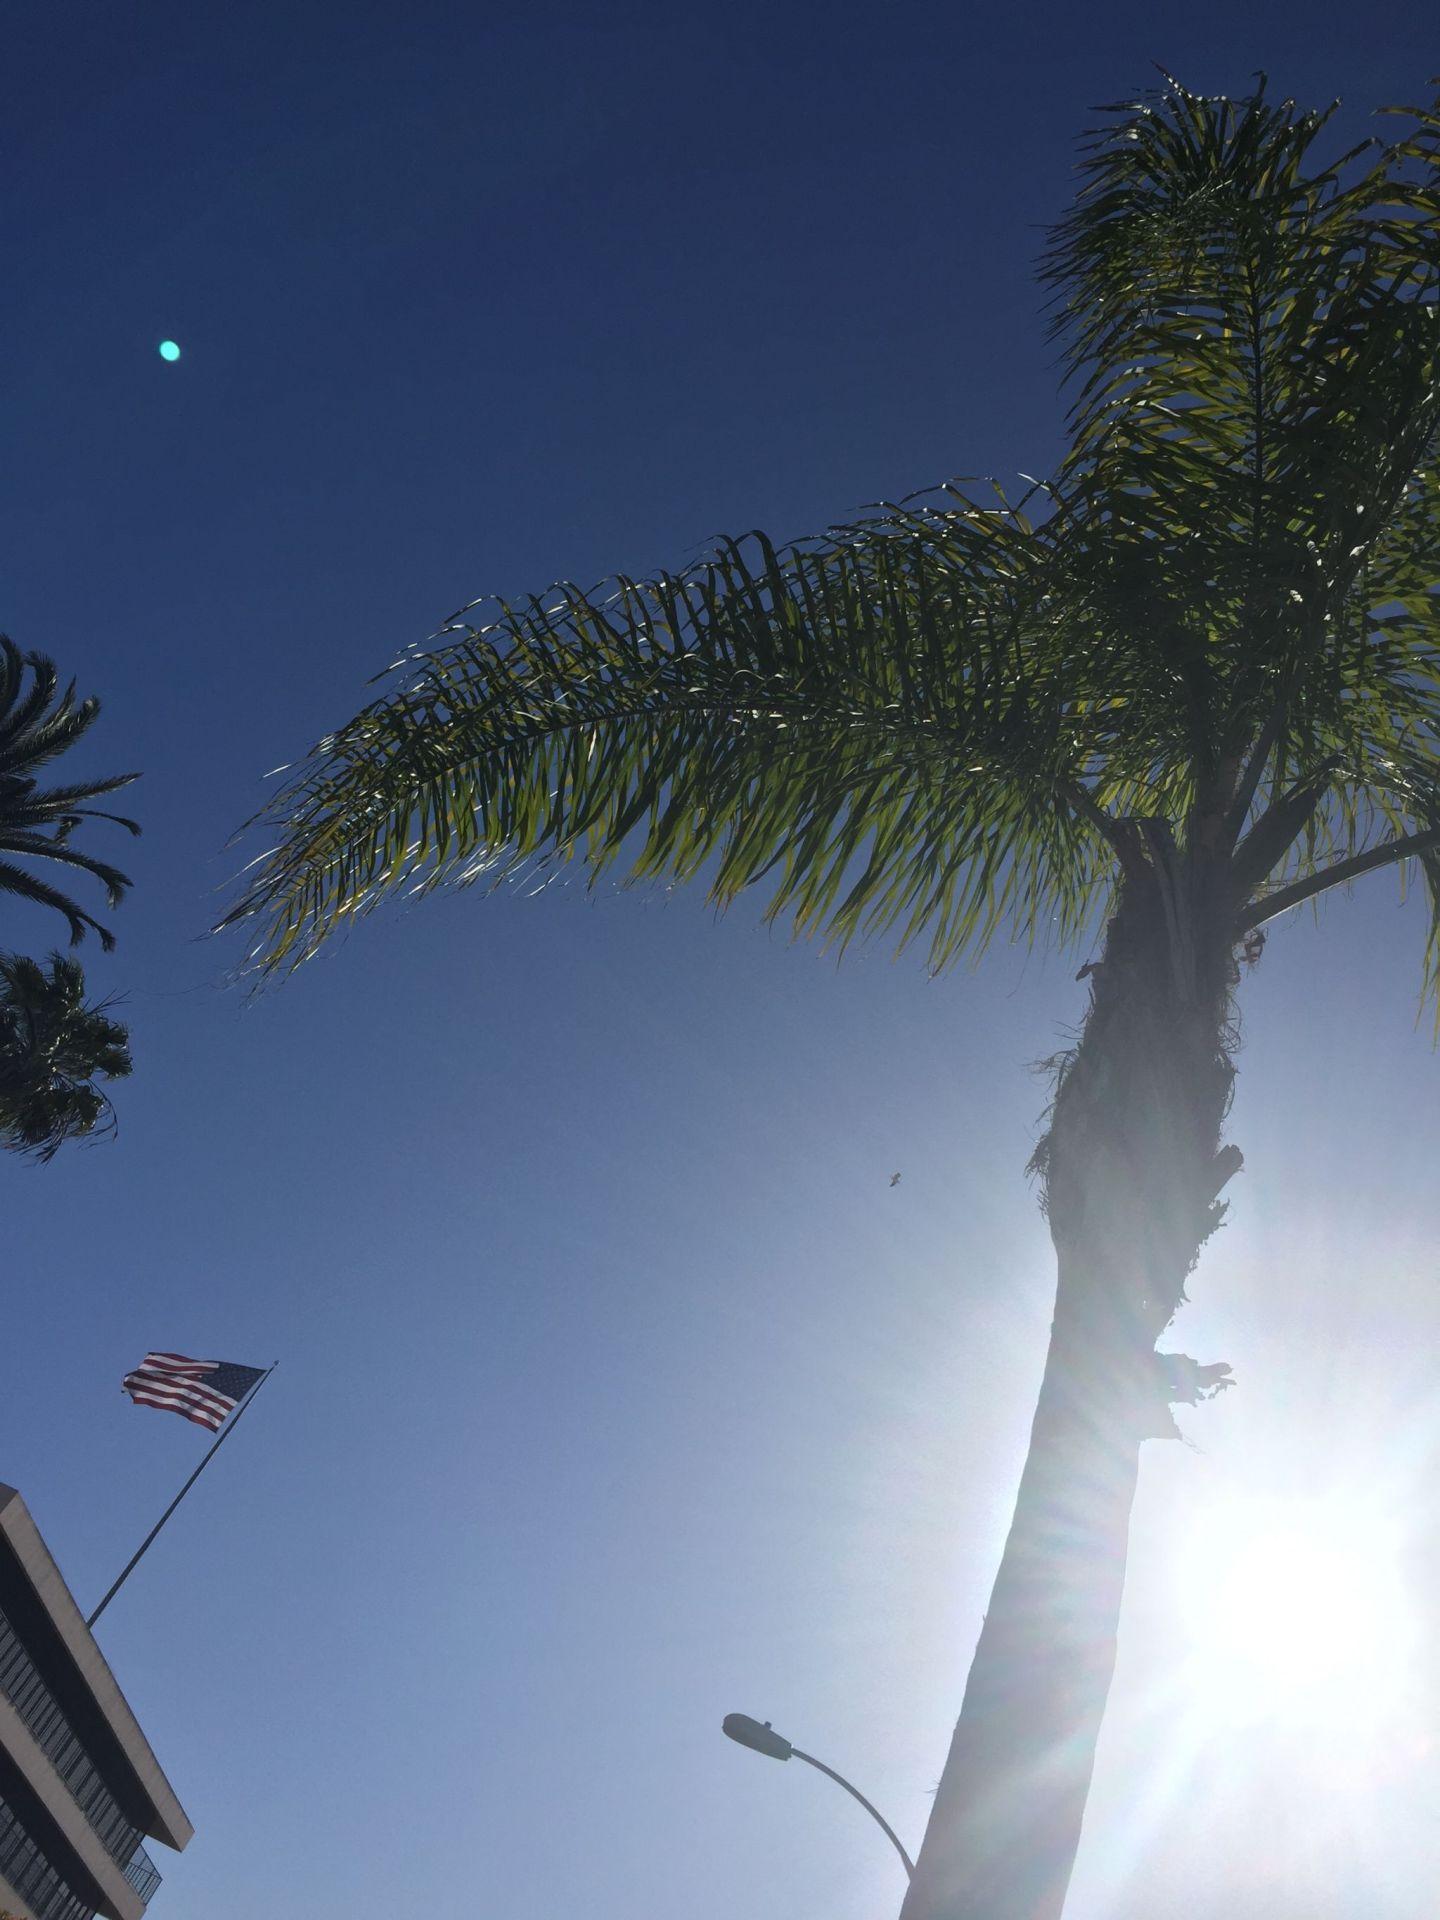 Palm trees in La Jolla